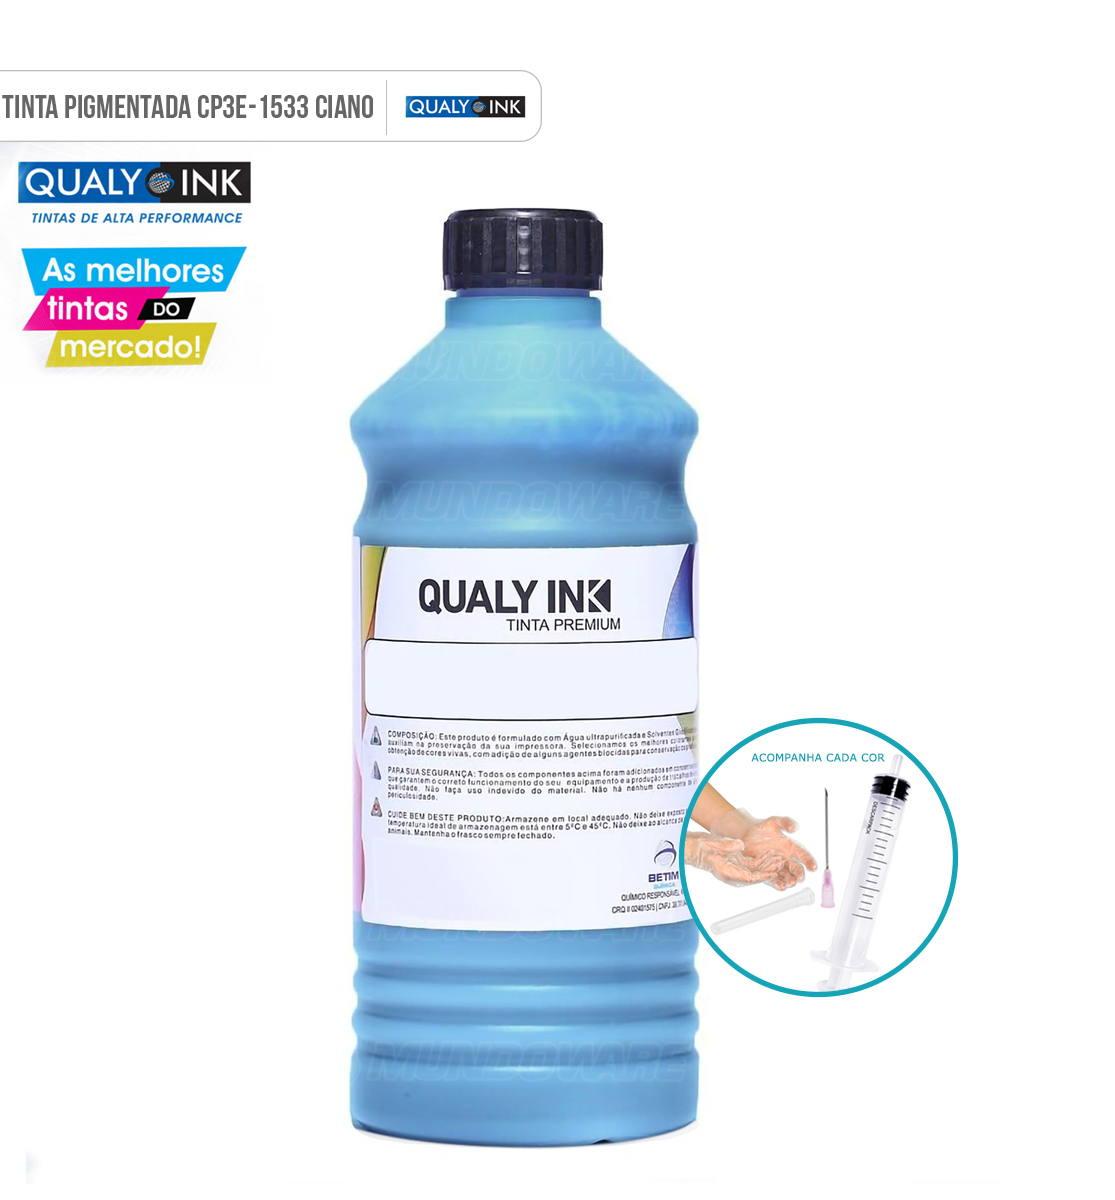 Refil de Tinta Qualy-Ink para Epson EcoTank L800 L805 L810 L850 L1800 Ciano Pigmentado